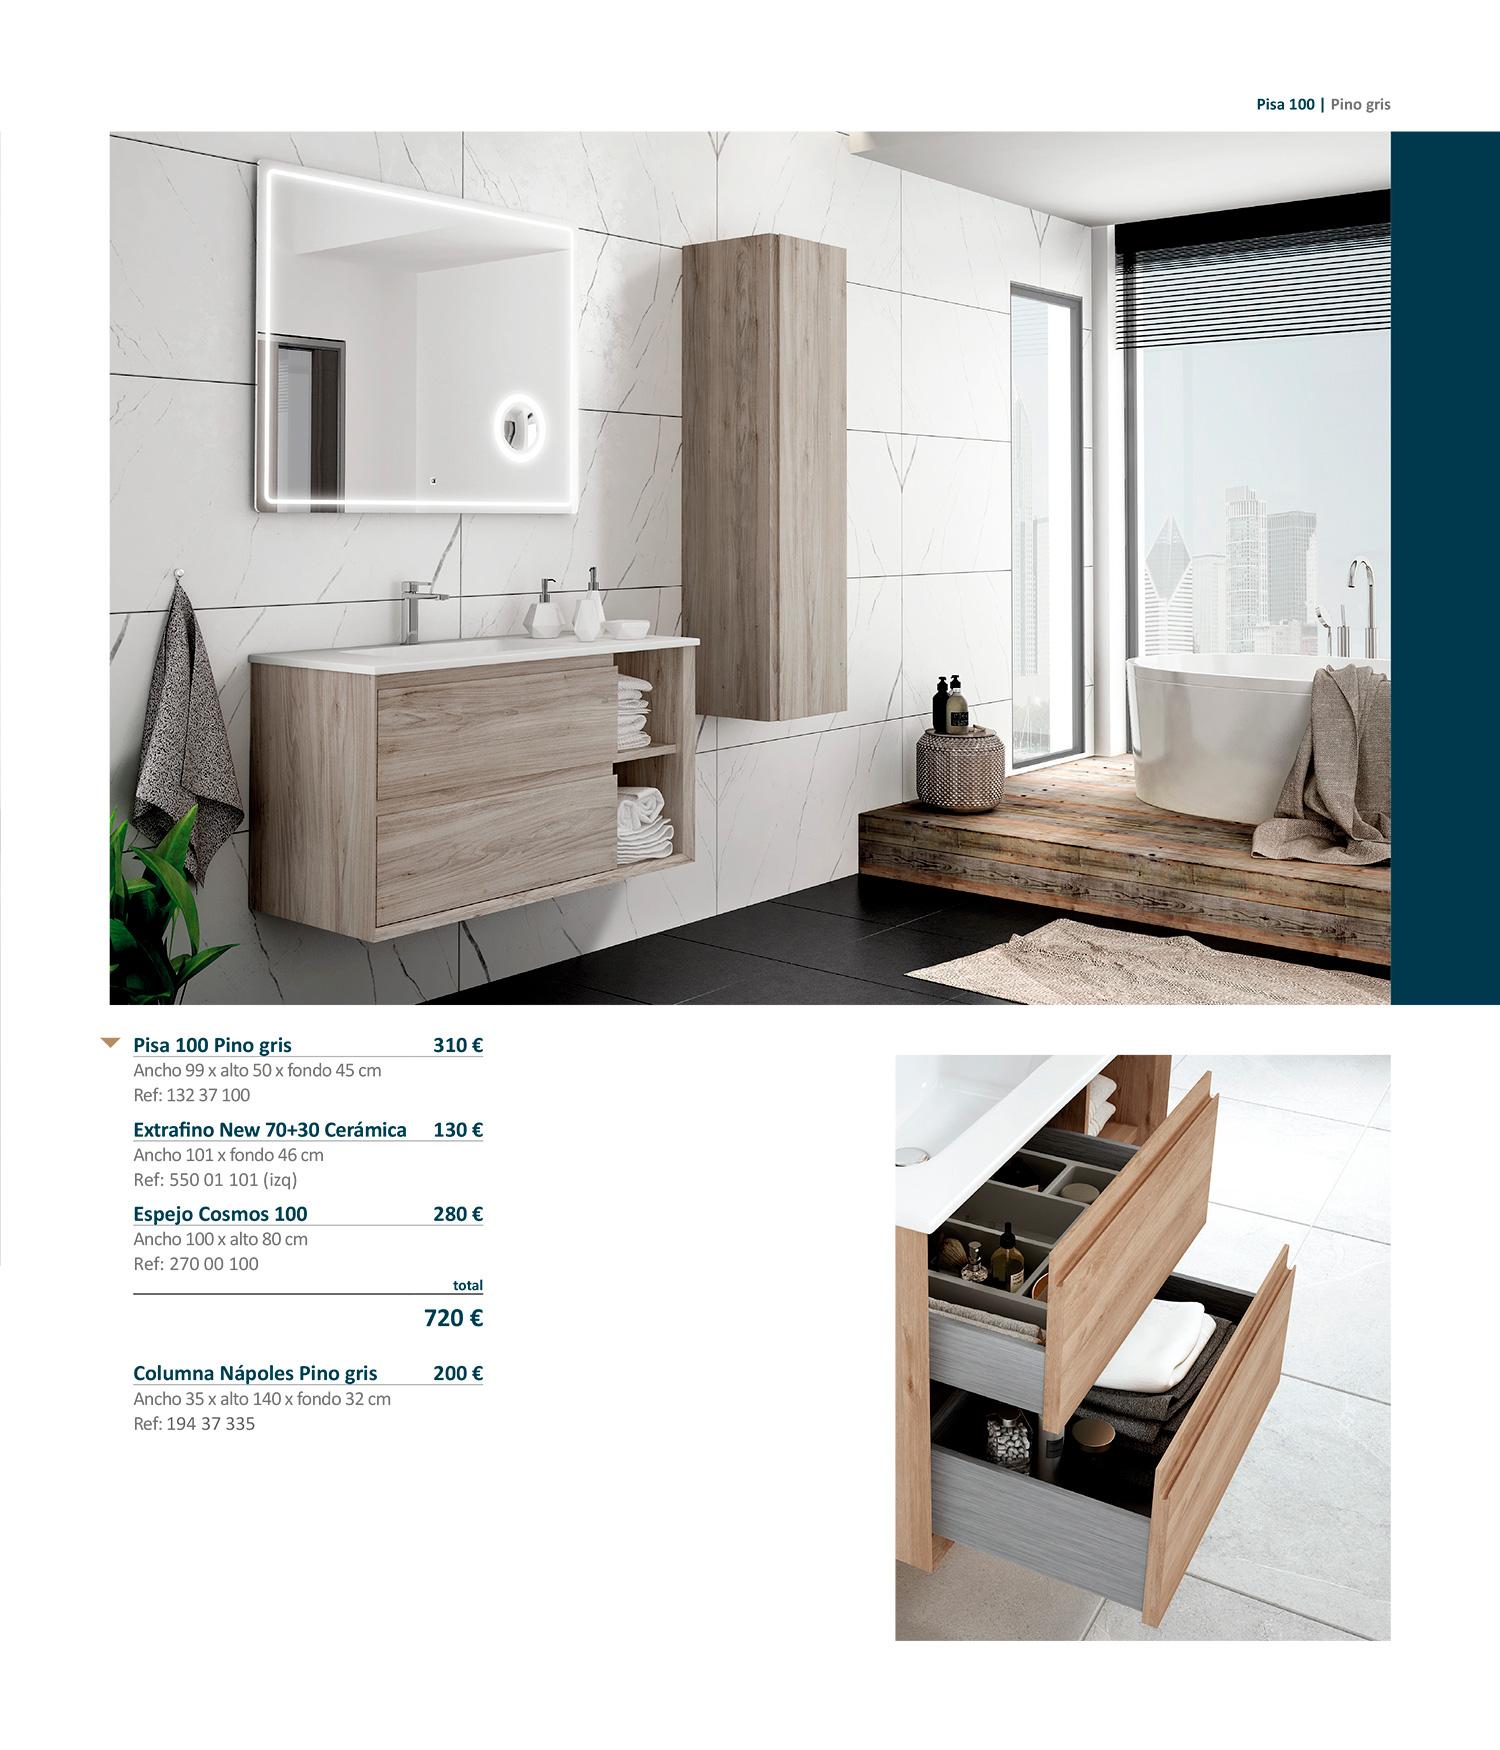 Mueble de baño Pisa Sánchez Baños